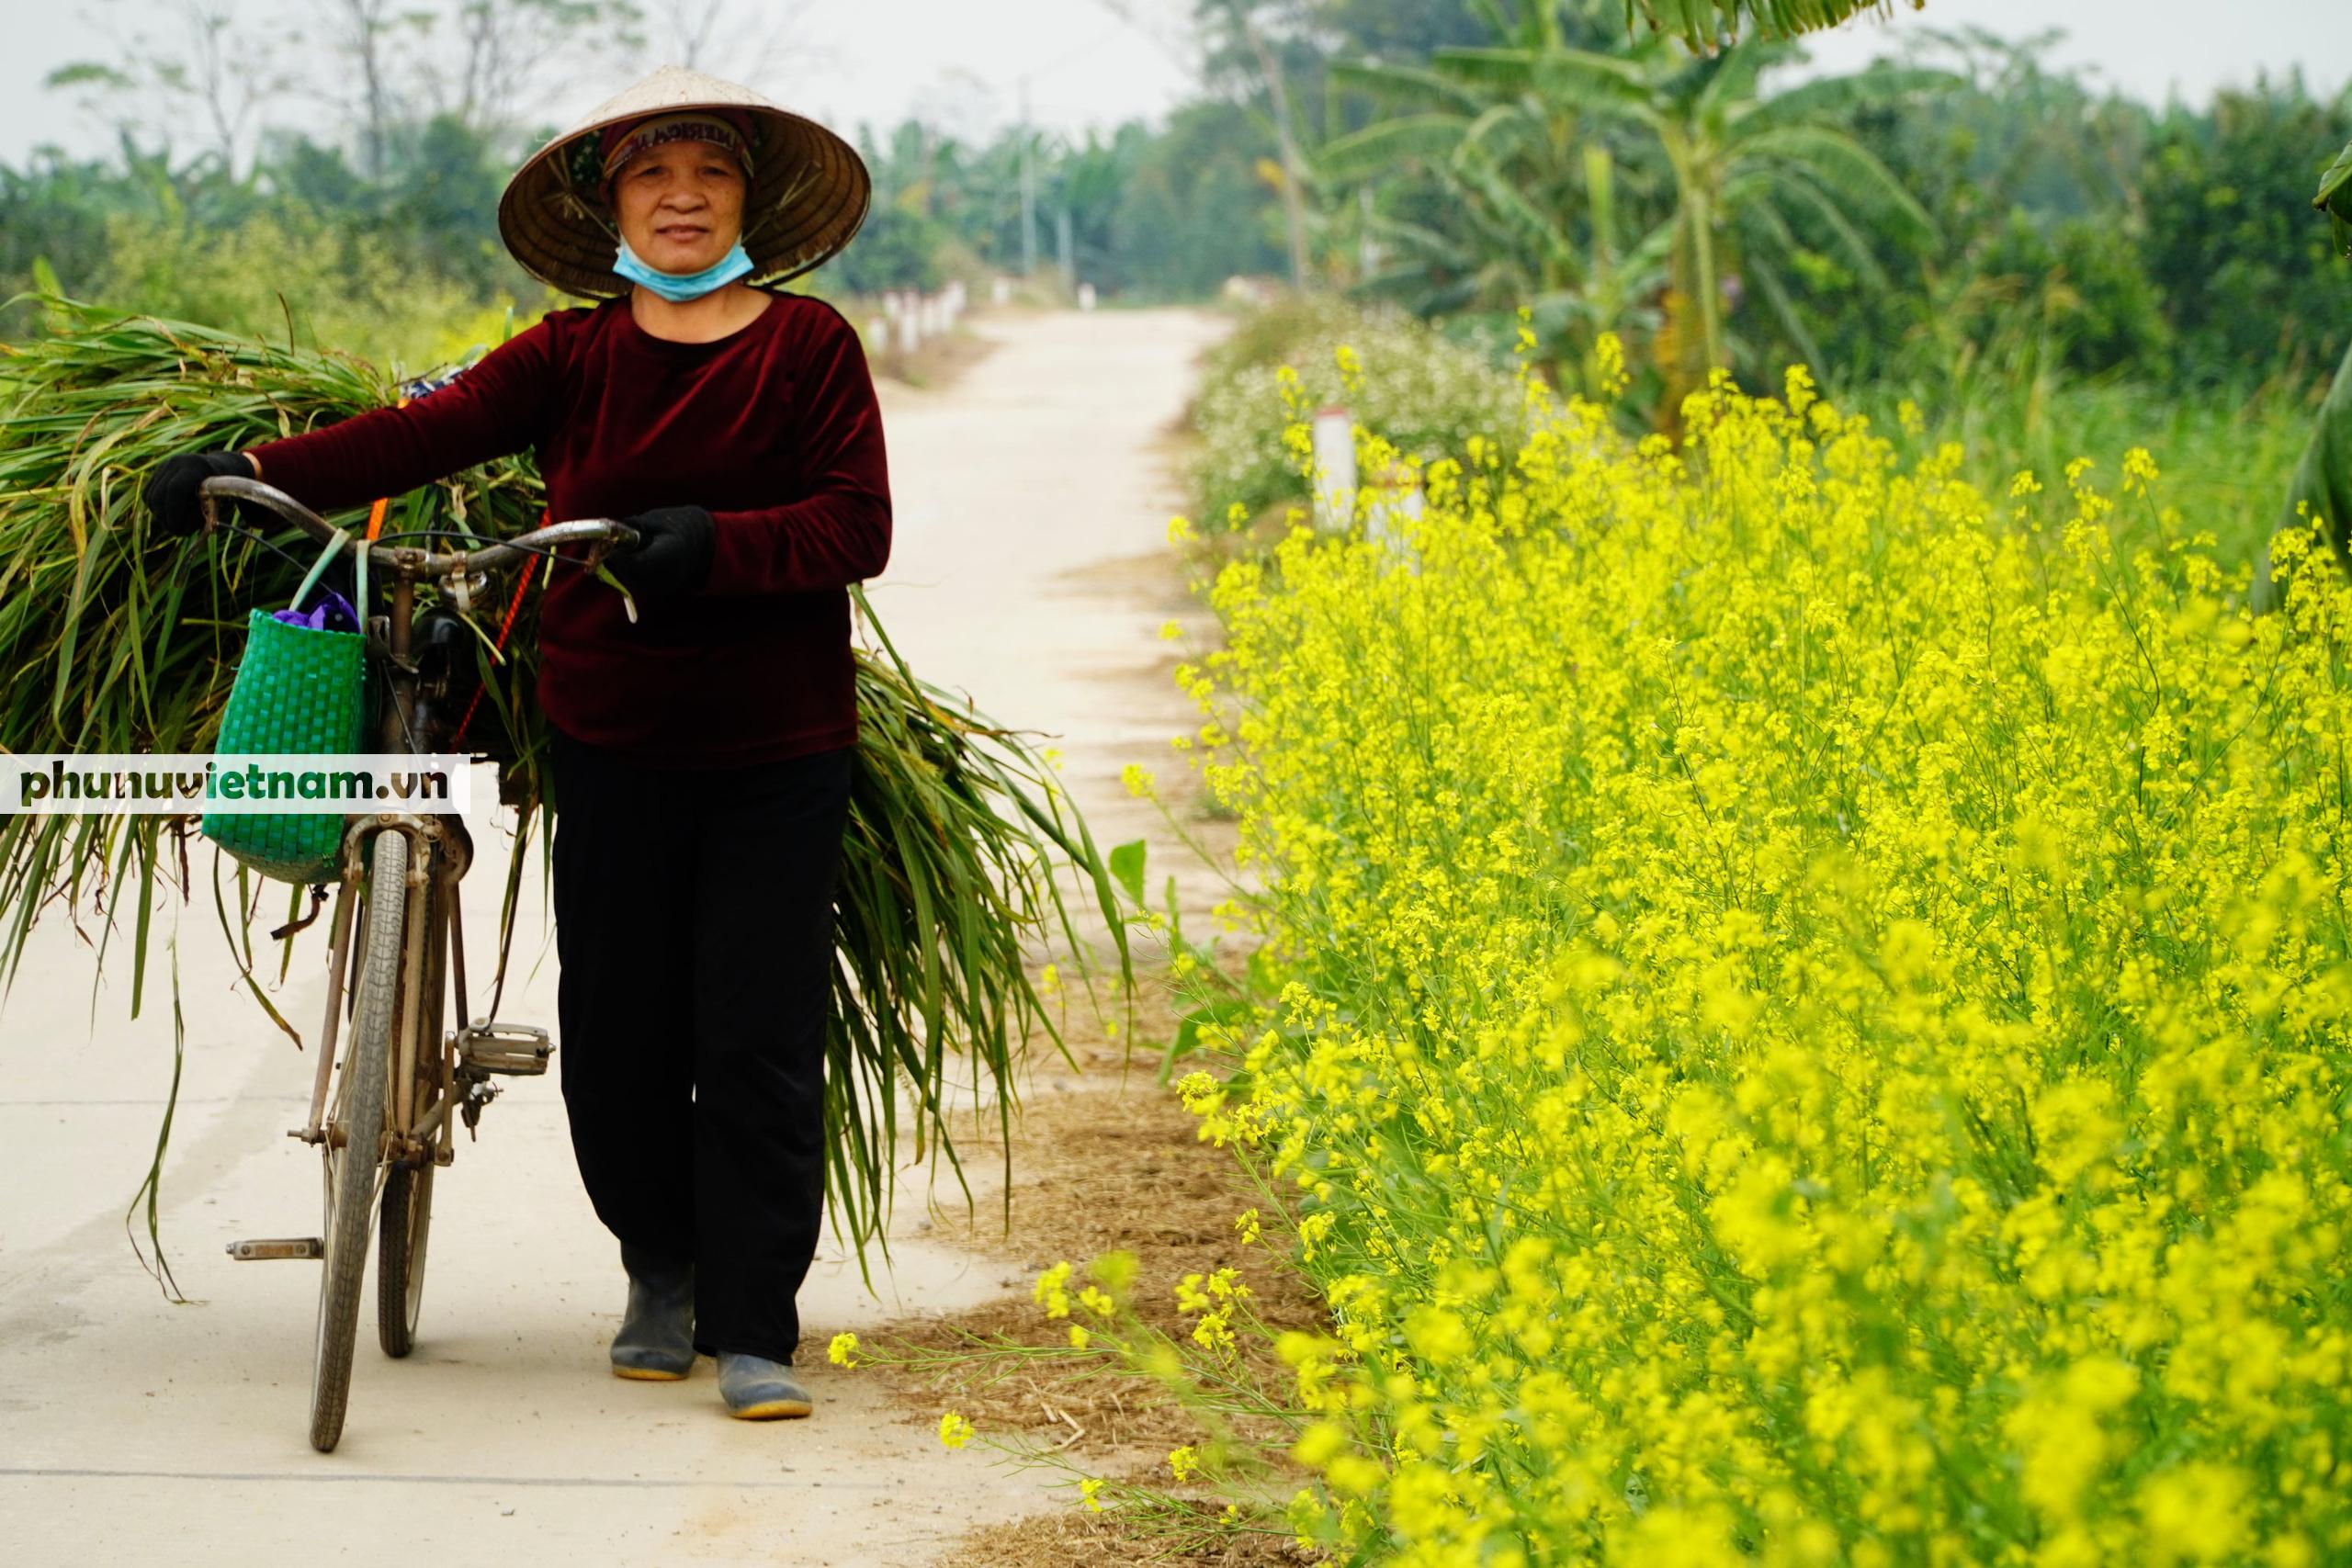 Thiếu nữ áo trắng đẹp hút lòng người trên cánh đồng hoa cải vàng ở Chi Đông - Ảnh 11.